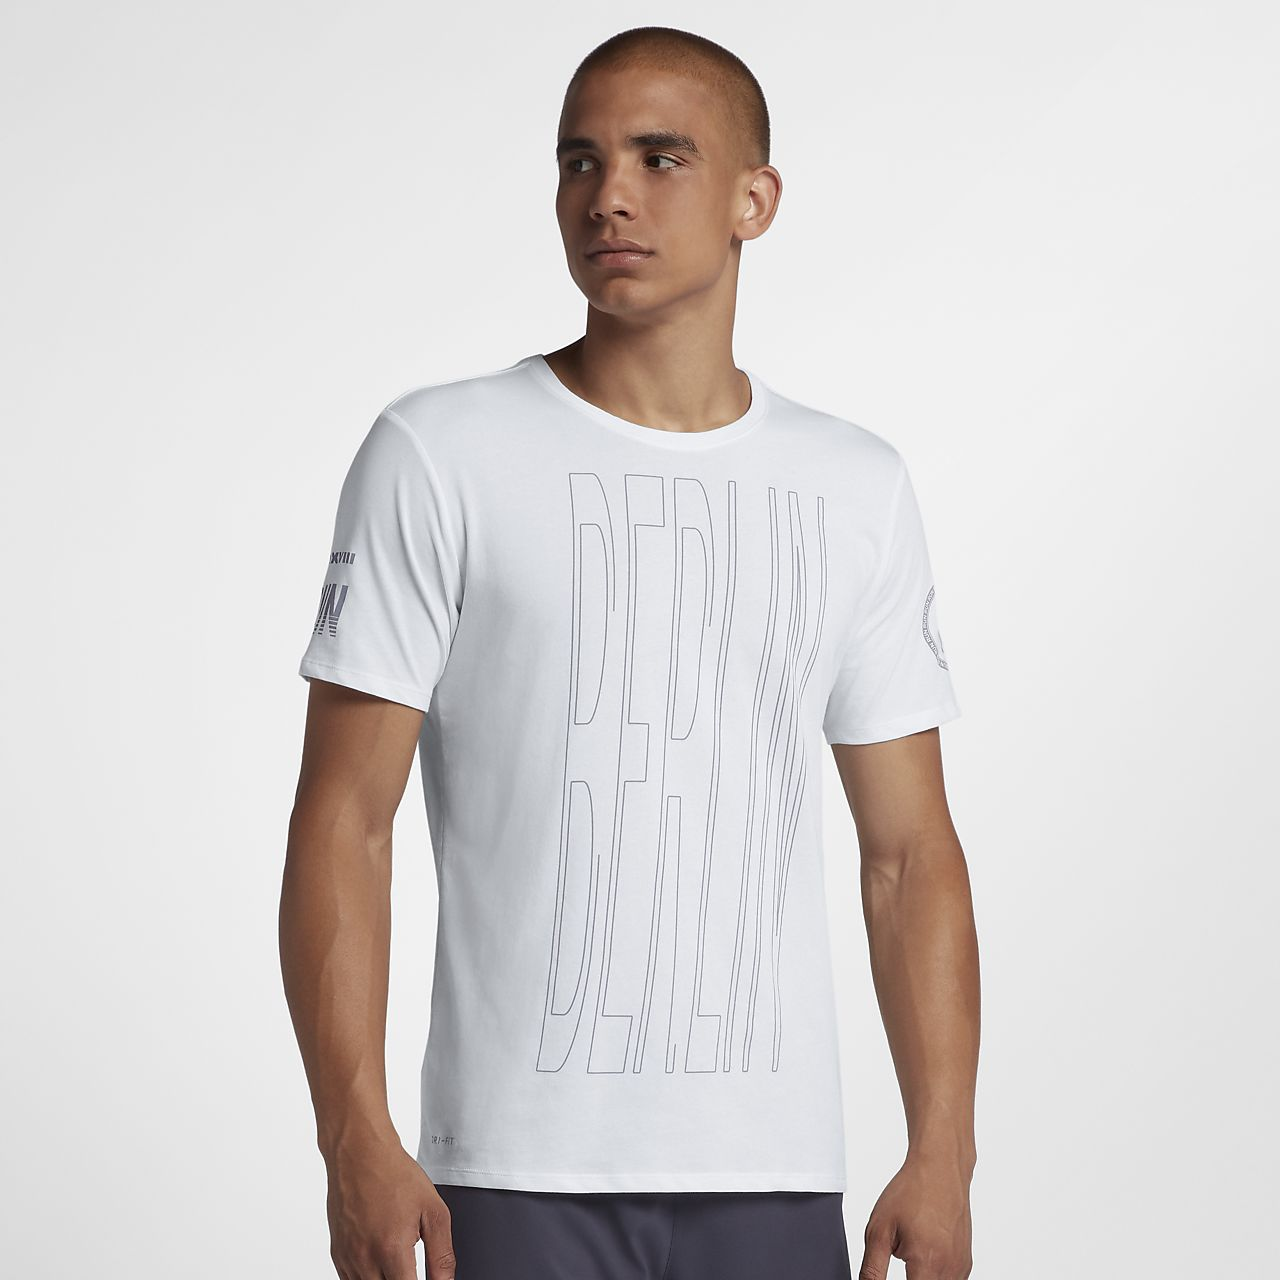 T-shirt de running Nike Dri-FIT (Berlin 2018) para homem